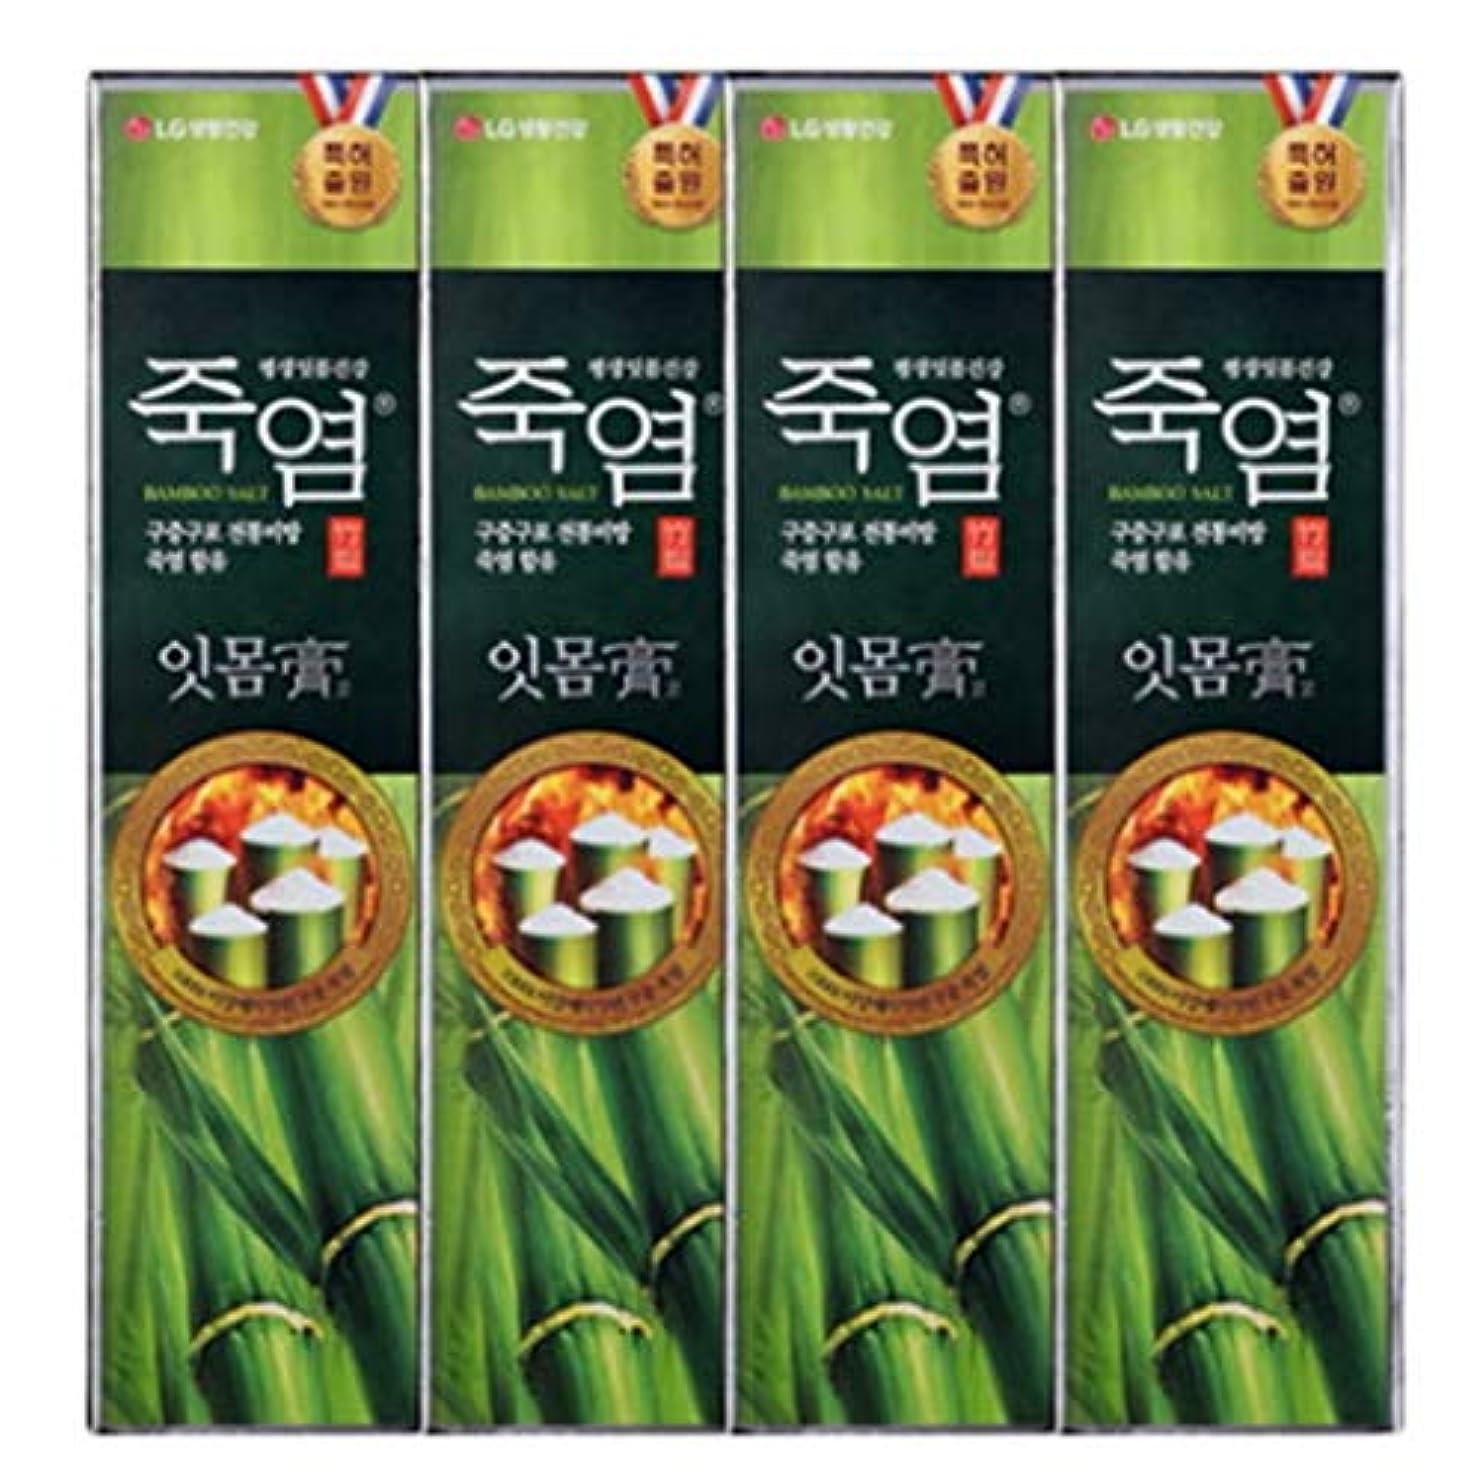 九祖母バンク[LG Care/LG生活健康]竹塩歯磨き粉歯肉を健康に120g x4ea / 歯磨きセットスペシャル?リミテッドToothpaste Set Special Limited Korea(海外直送品)